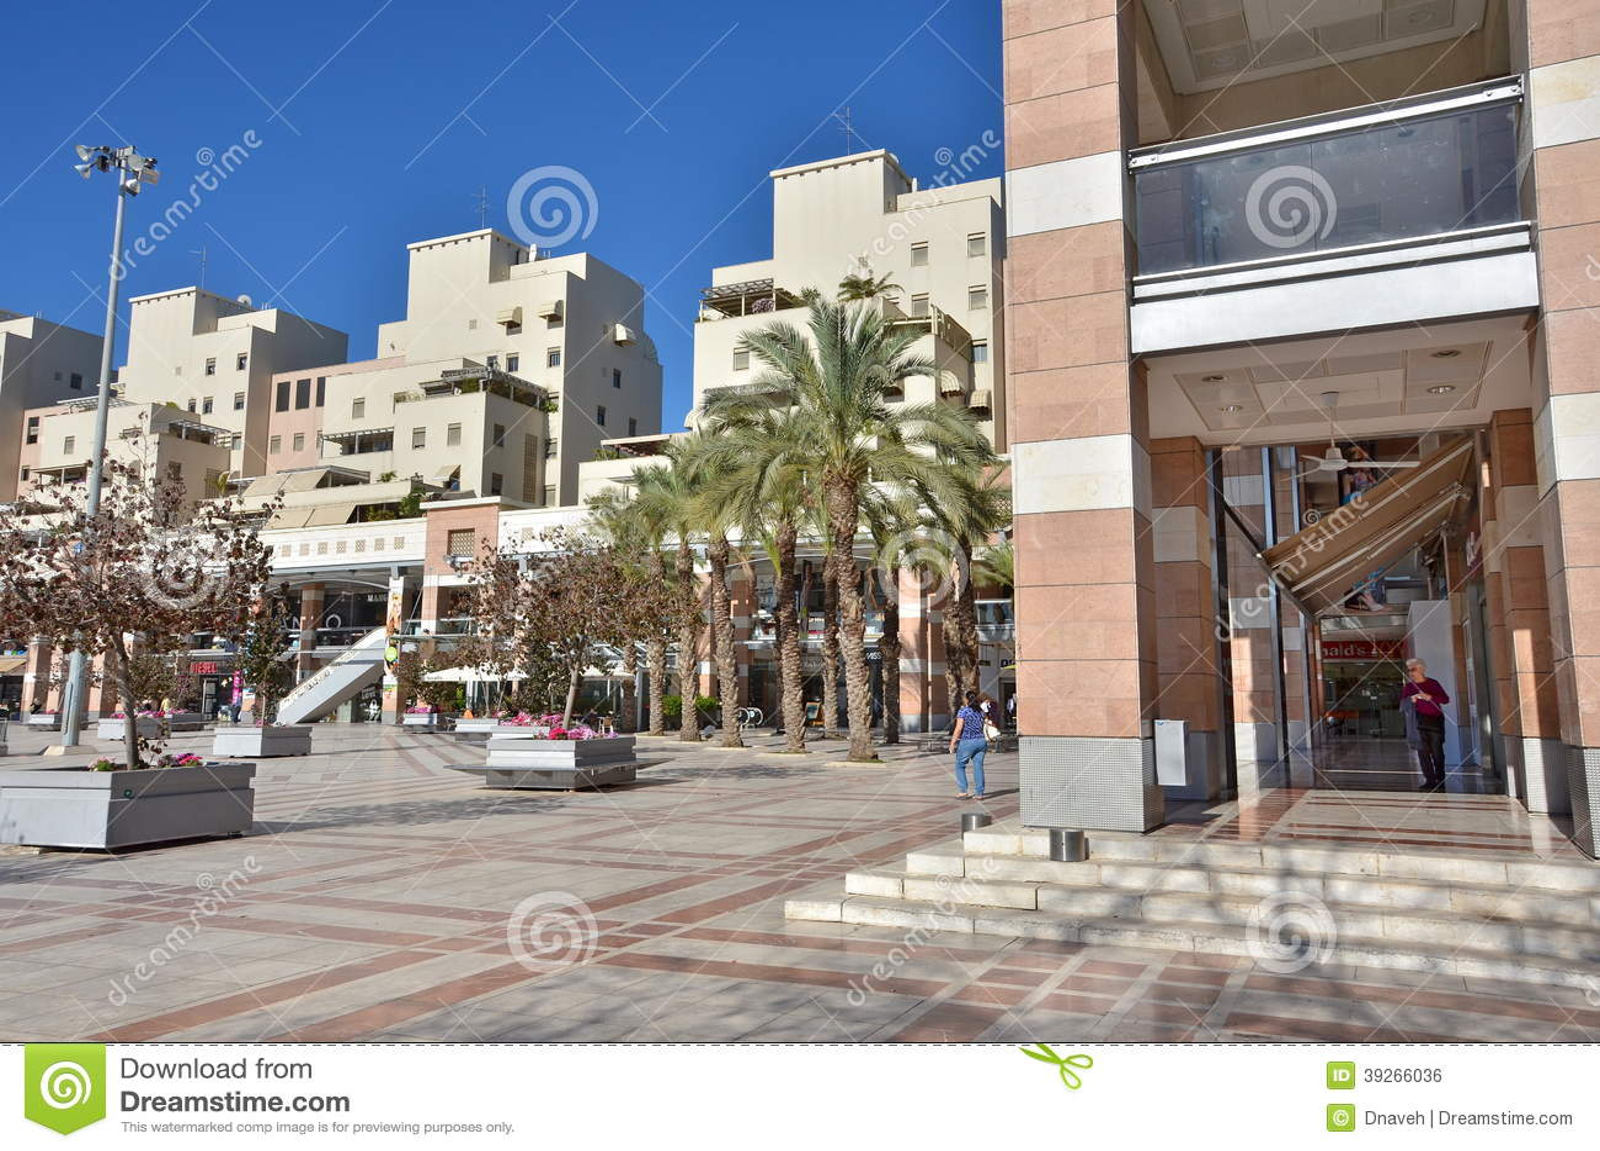 Israeli Fashion Shopping